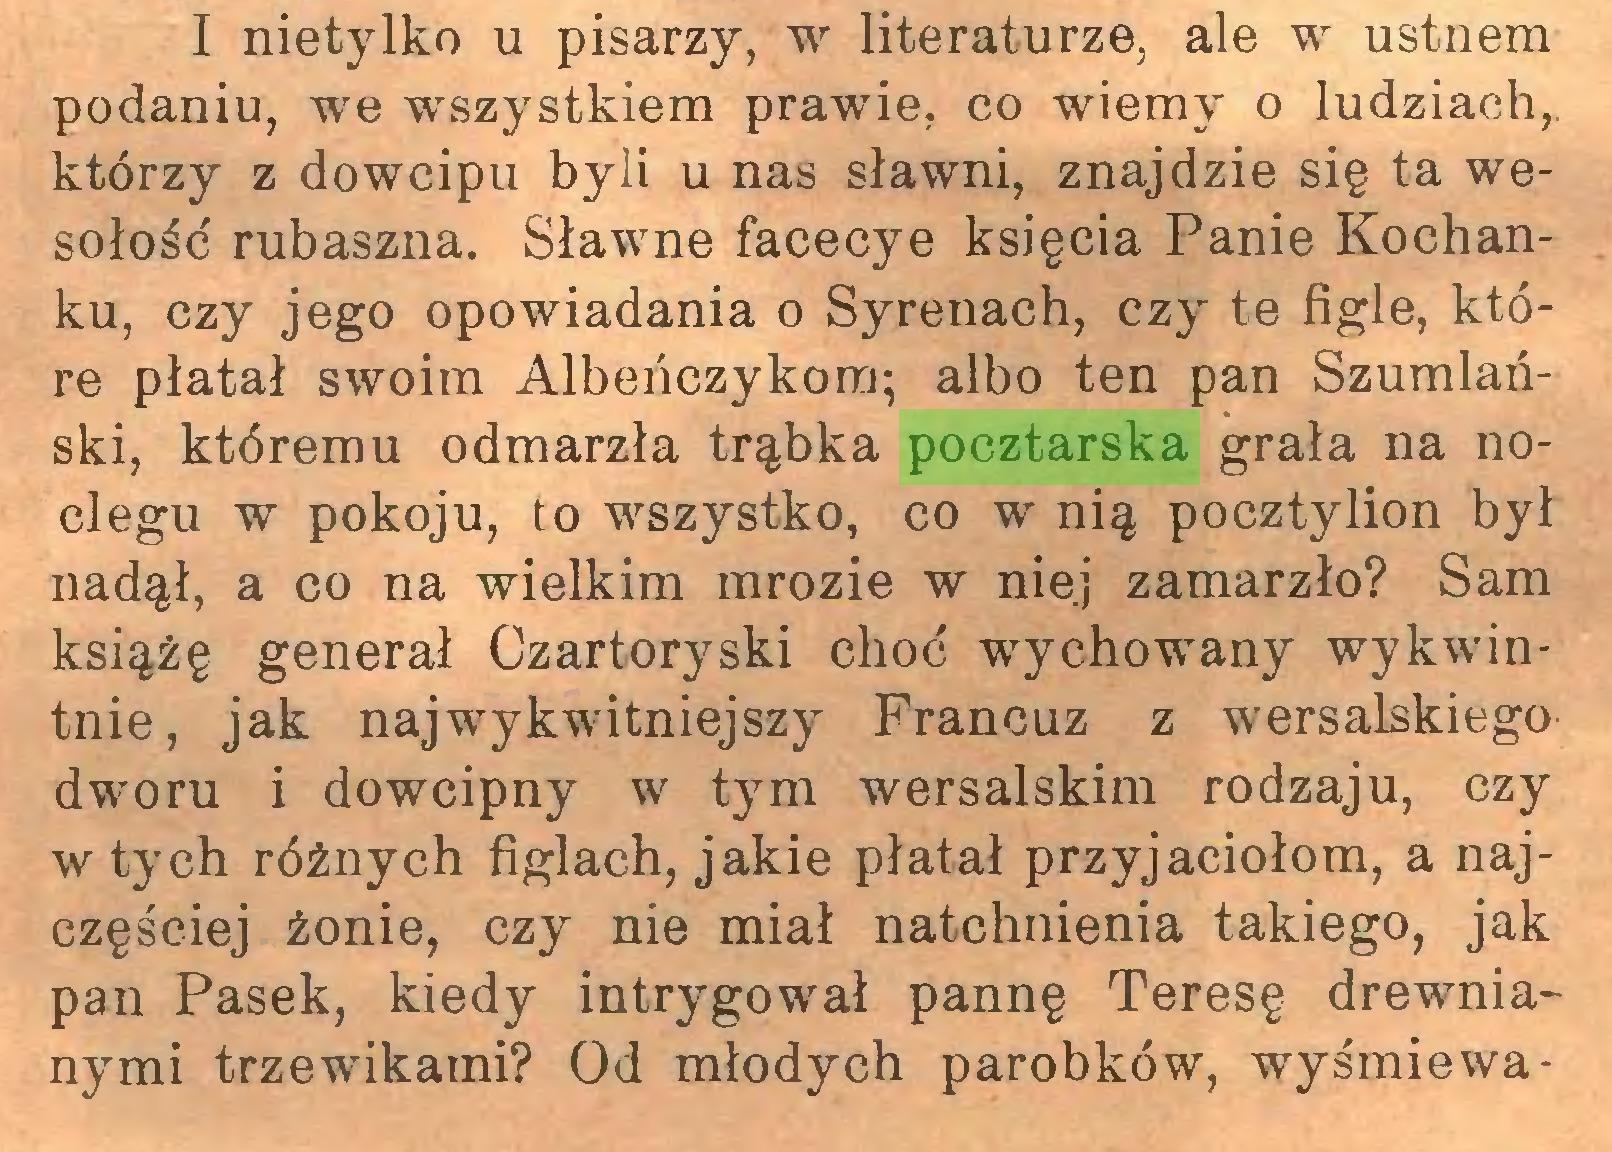 (...) I nietylko u pisarzy, w literaturze, ale w ustnem podaniu, we wszystkiem prawie, co wiemy o ludziach,, którzy z dowcipu byli u nas sławni, znajdzie się ta wesołość rubaszna. Sławne facecye księcia Panie Kochanku, czy jego opowiadania o Syrenach, czy te figle, które płatał swoim Albeńczykora; albo ten pan Szumlański, któremu odmarzła trąbka pocztarska grała na noclegu w pokoju, to wszystko, co w nią pocztylion był nadął, a co na wielkim mrozie w niej zamarzło? Sam książę generał Czartoryski choć wychowany wykwintnie, jak najwykwitniejszy Francuz z wersalskiego dworu i dowcipny w tym wersalskim rodzaju, czy w tych różnych figlach, jakie płatał przyjaciołom, a najczęściej żonie, czy nie miał natchnienia takiego, jak pan Pasek, kiedy intrygował pannę Teresę drewnianymi trzewikami? Od młodych parobków, wyśmiewa...